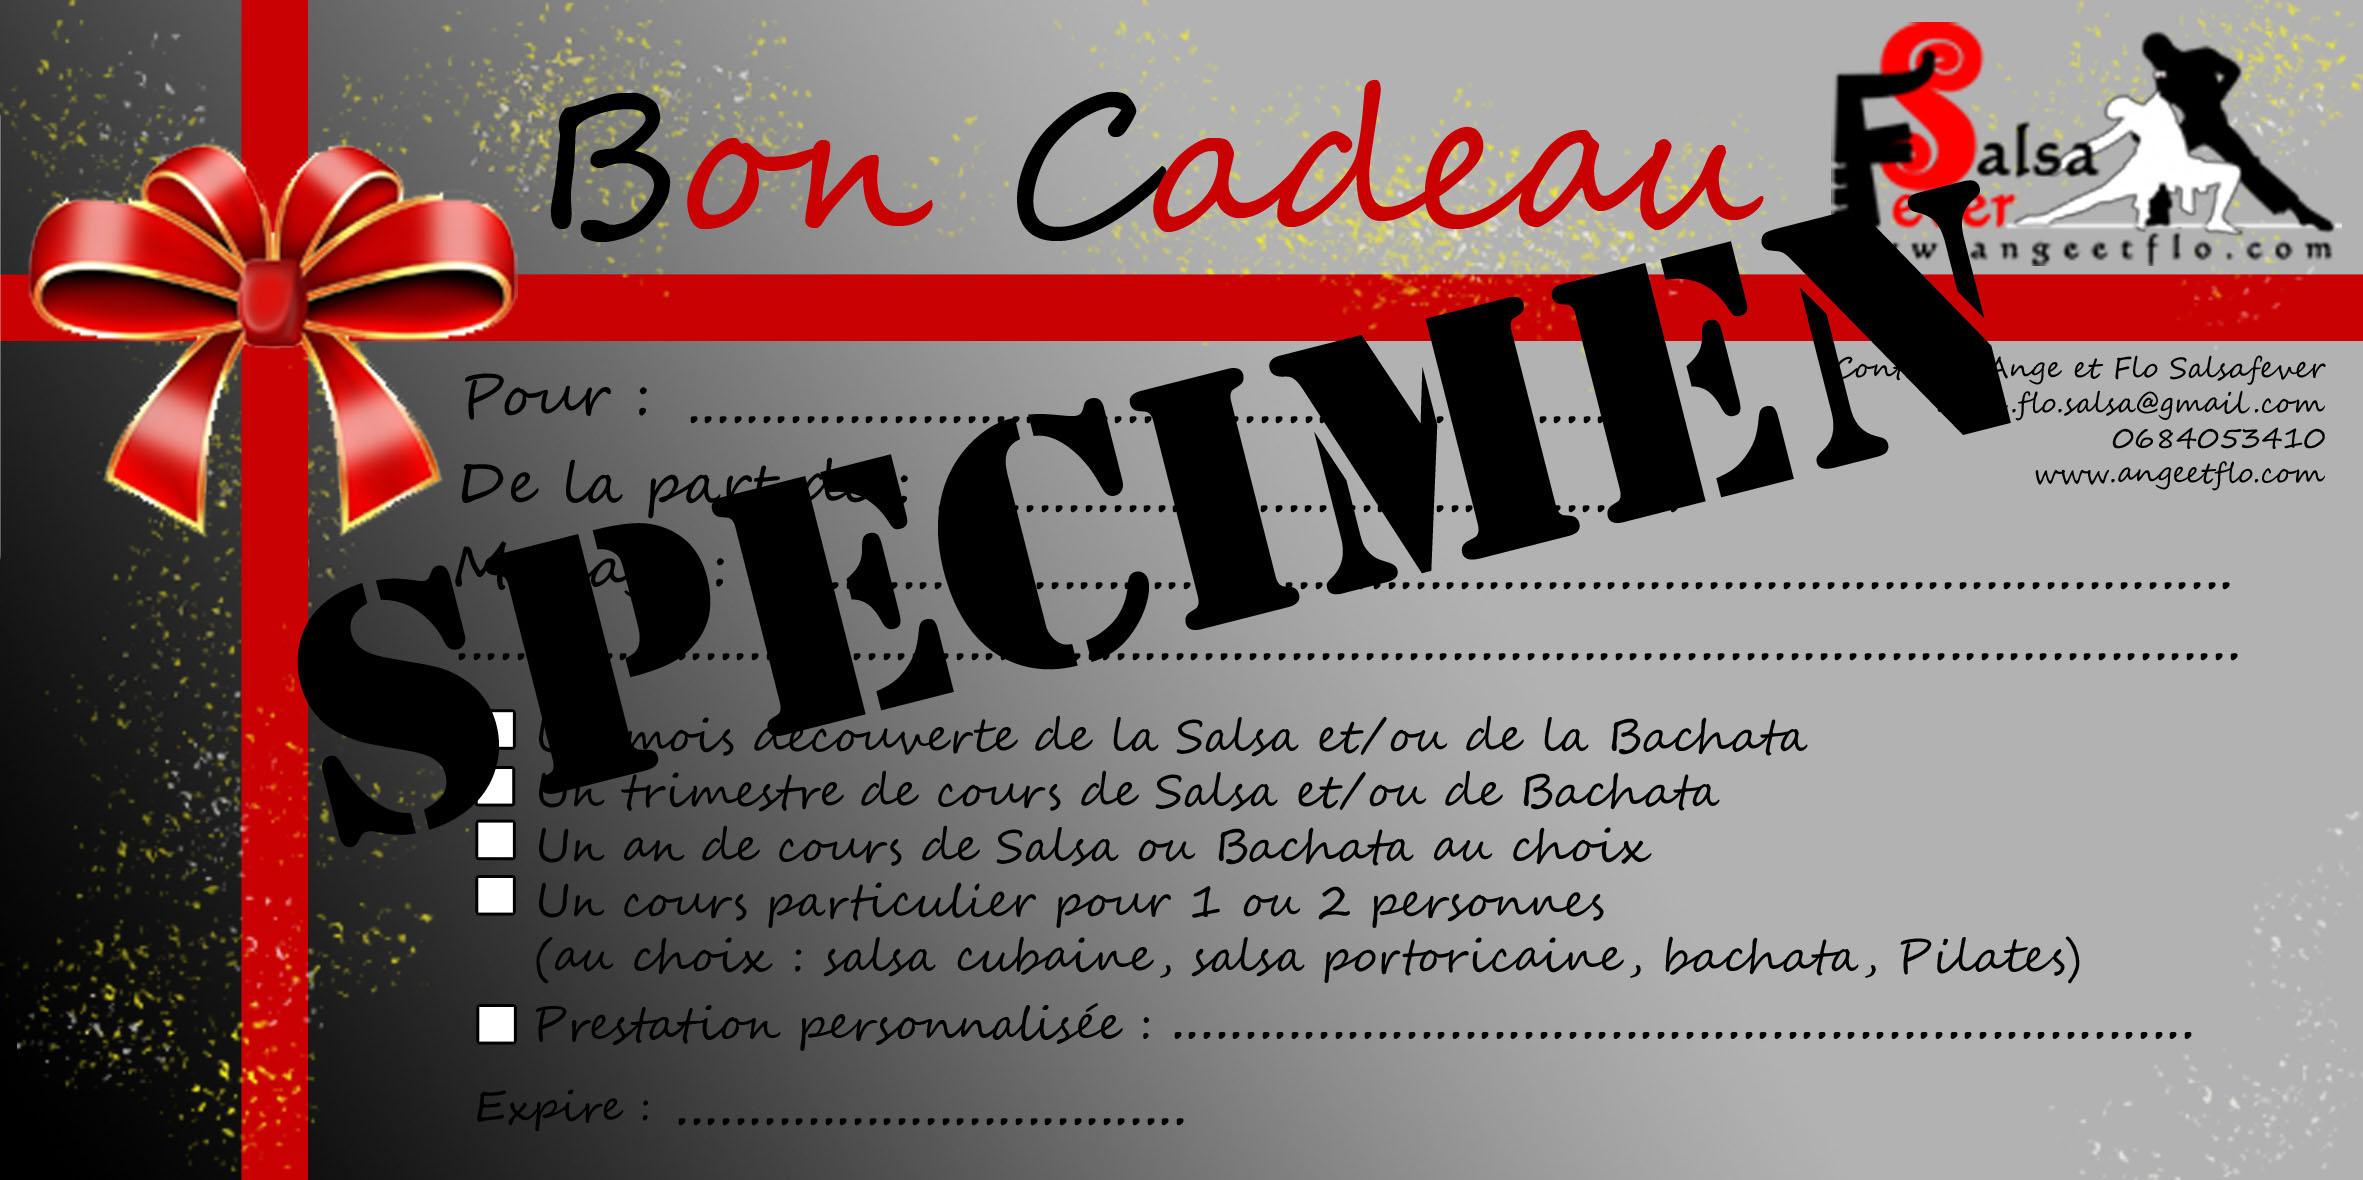 bon_cadeau_salsafever_specimen